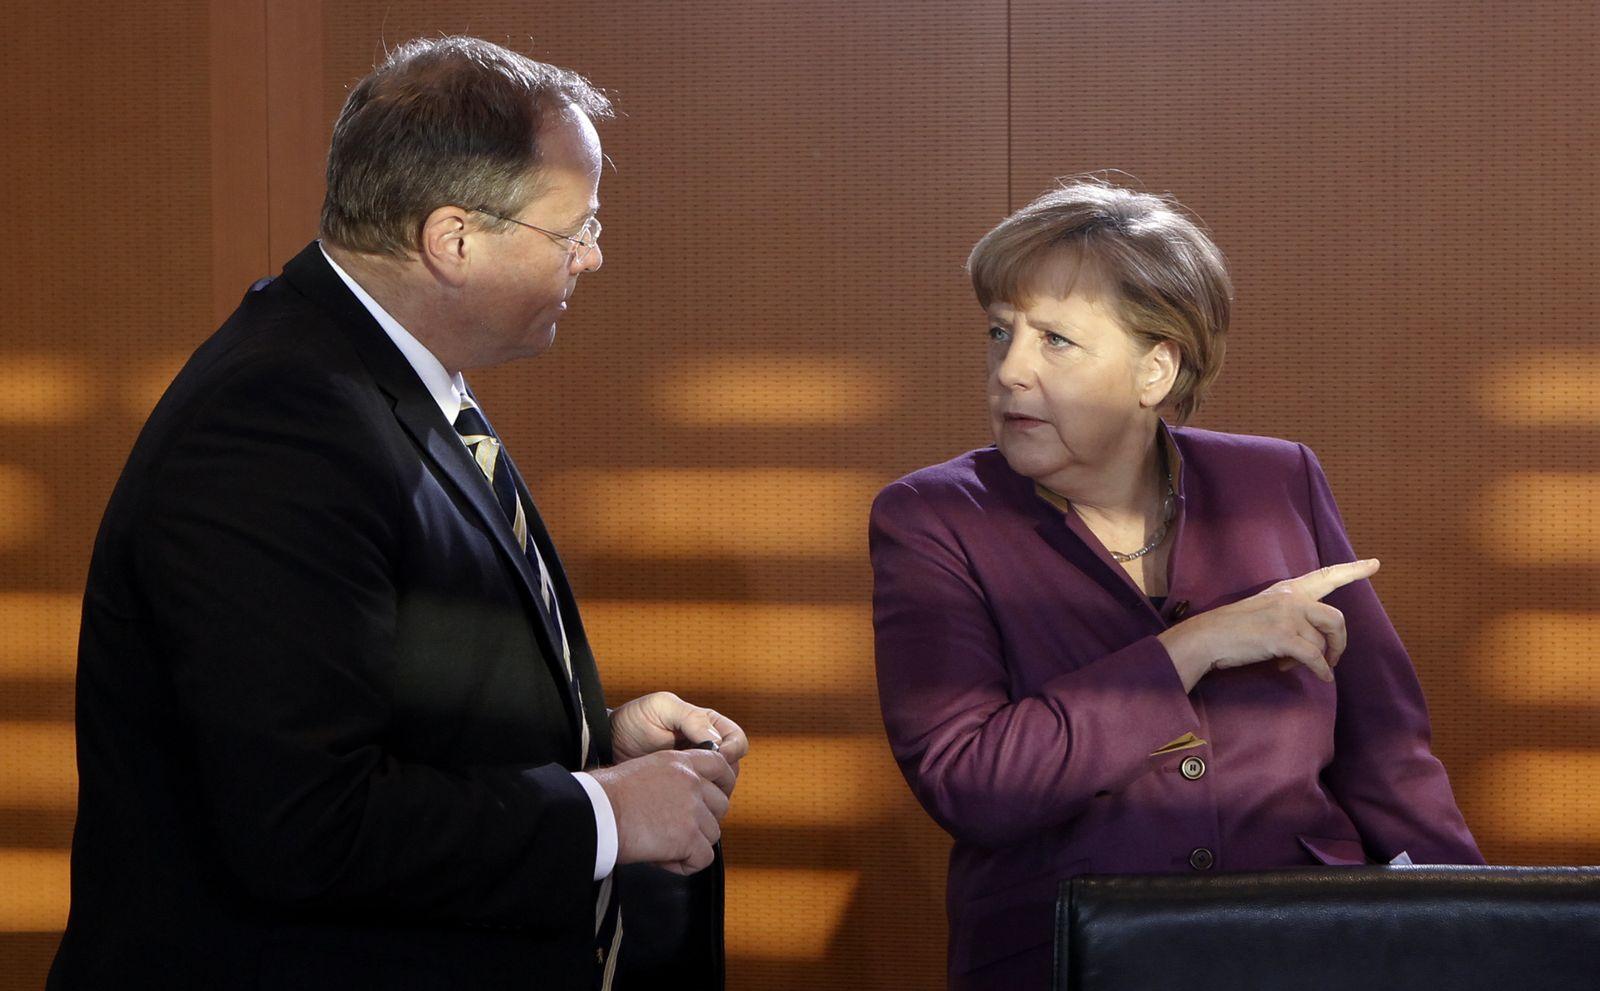 Niebel / Merkel